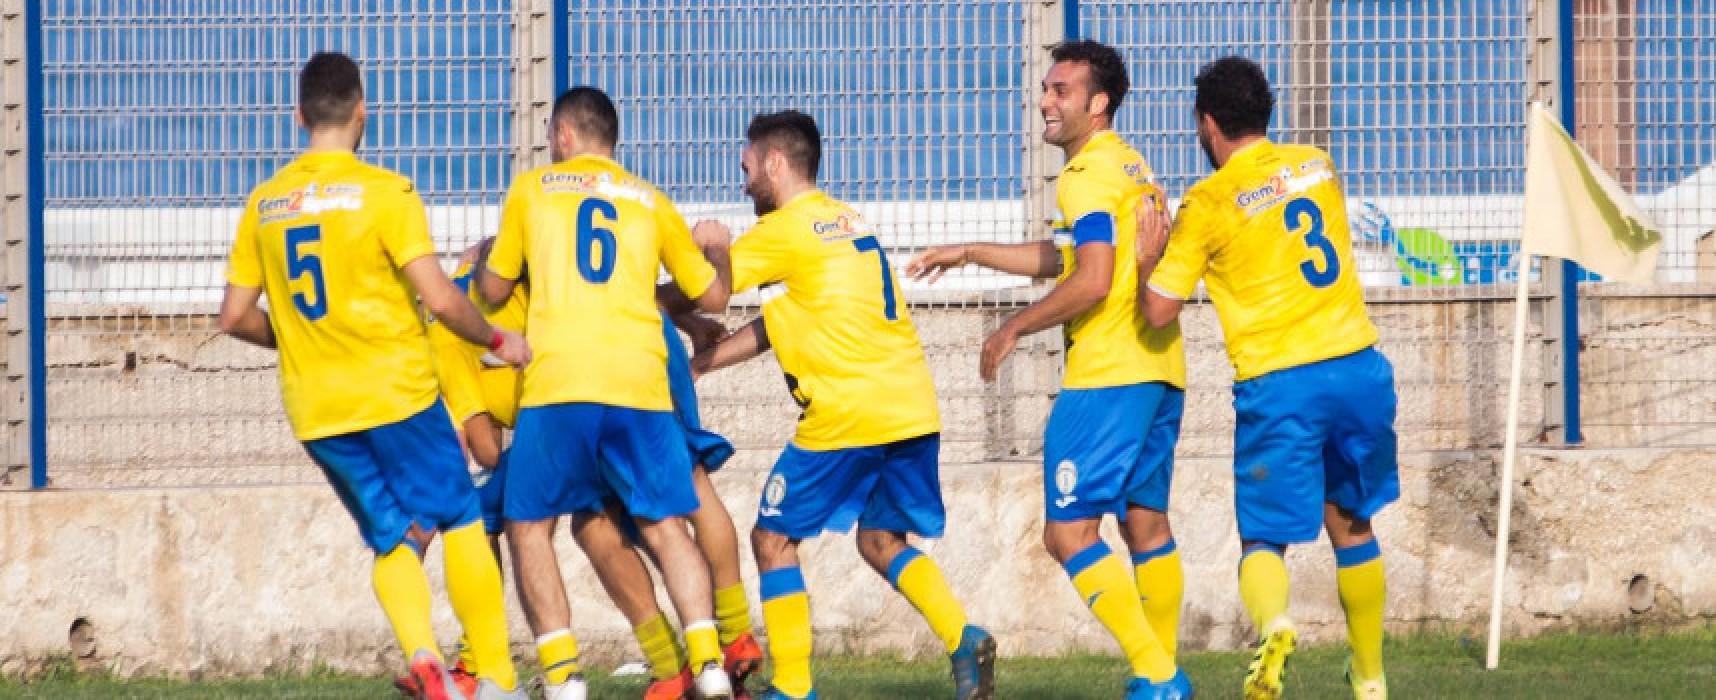 Seconda Categoria, il Don Uva si aggiudica il derby superando il Bellavitainpuglia / CLASSIFICA